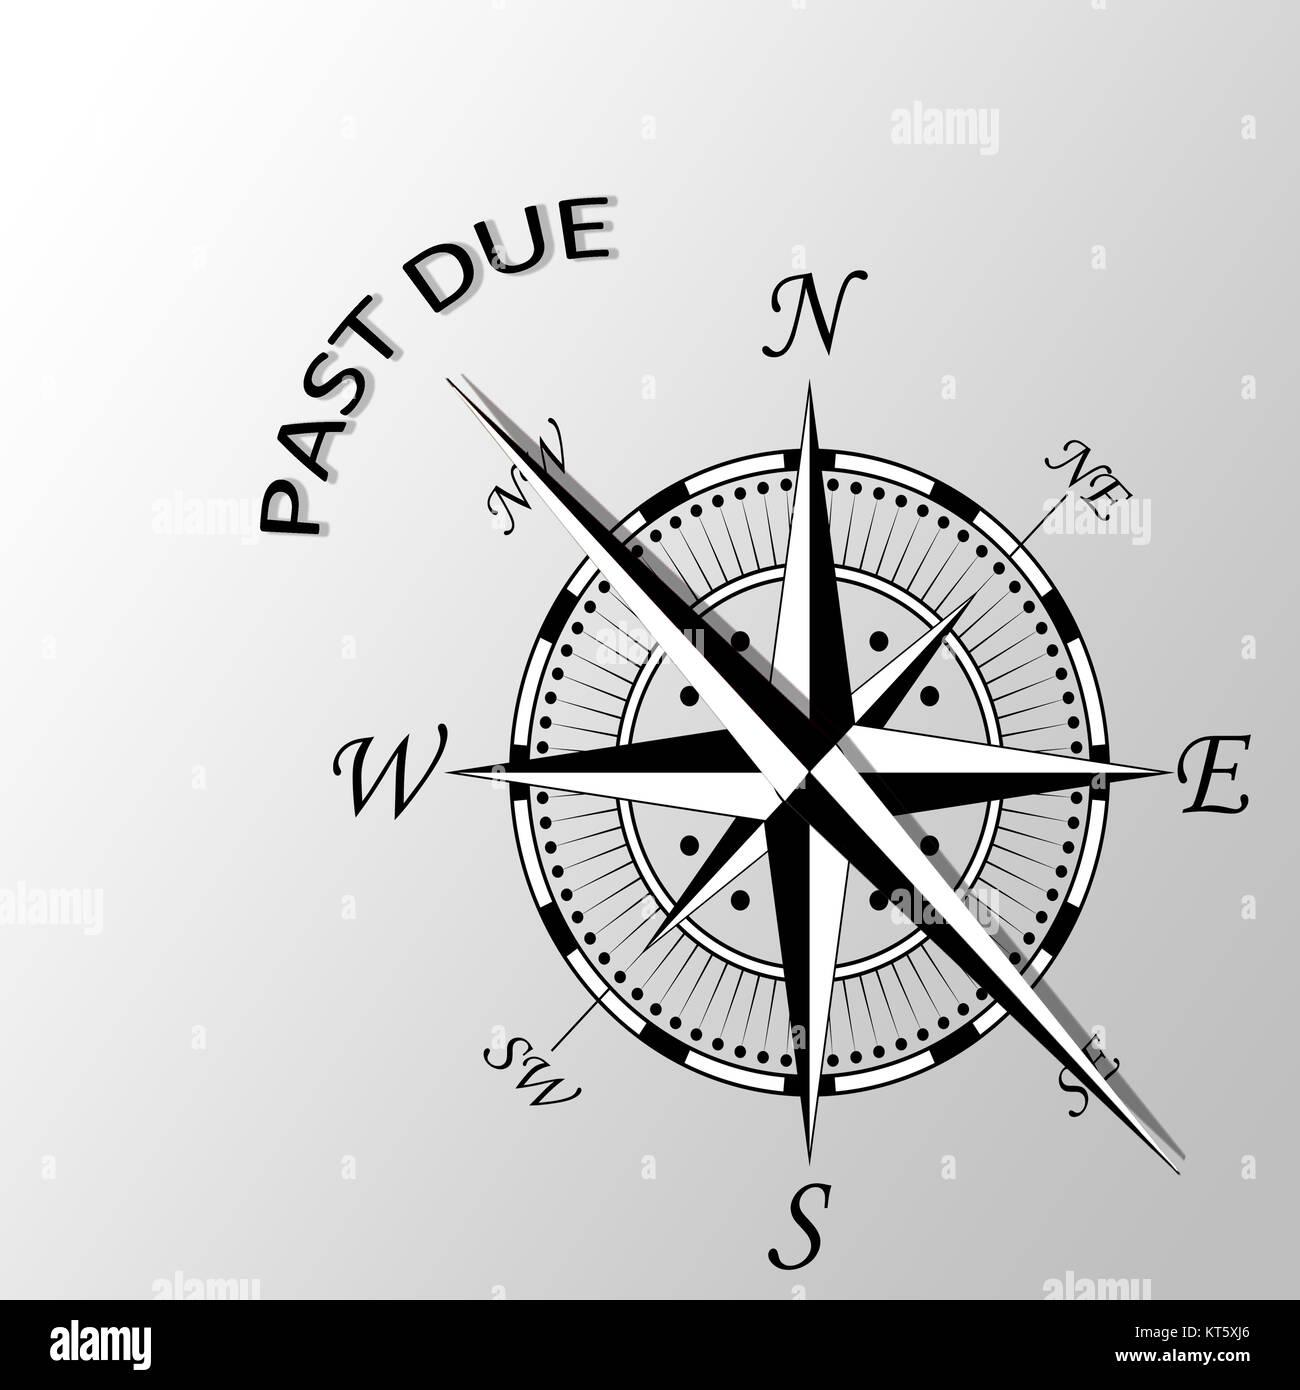 Illustrazione del passato a causa scritto da parte compass Immagini Stock